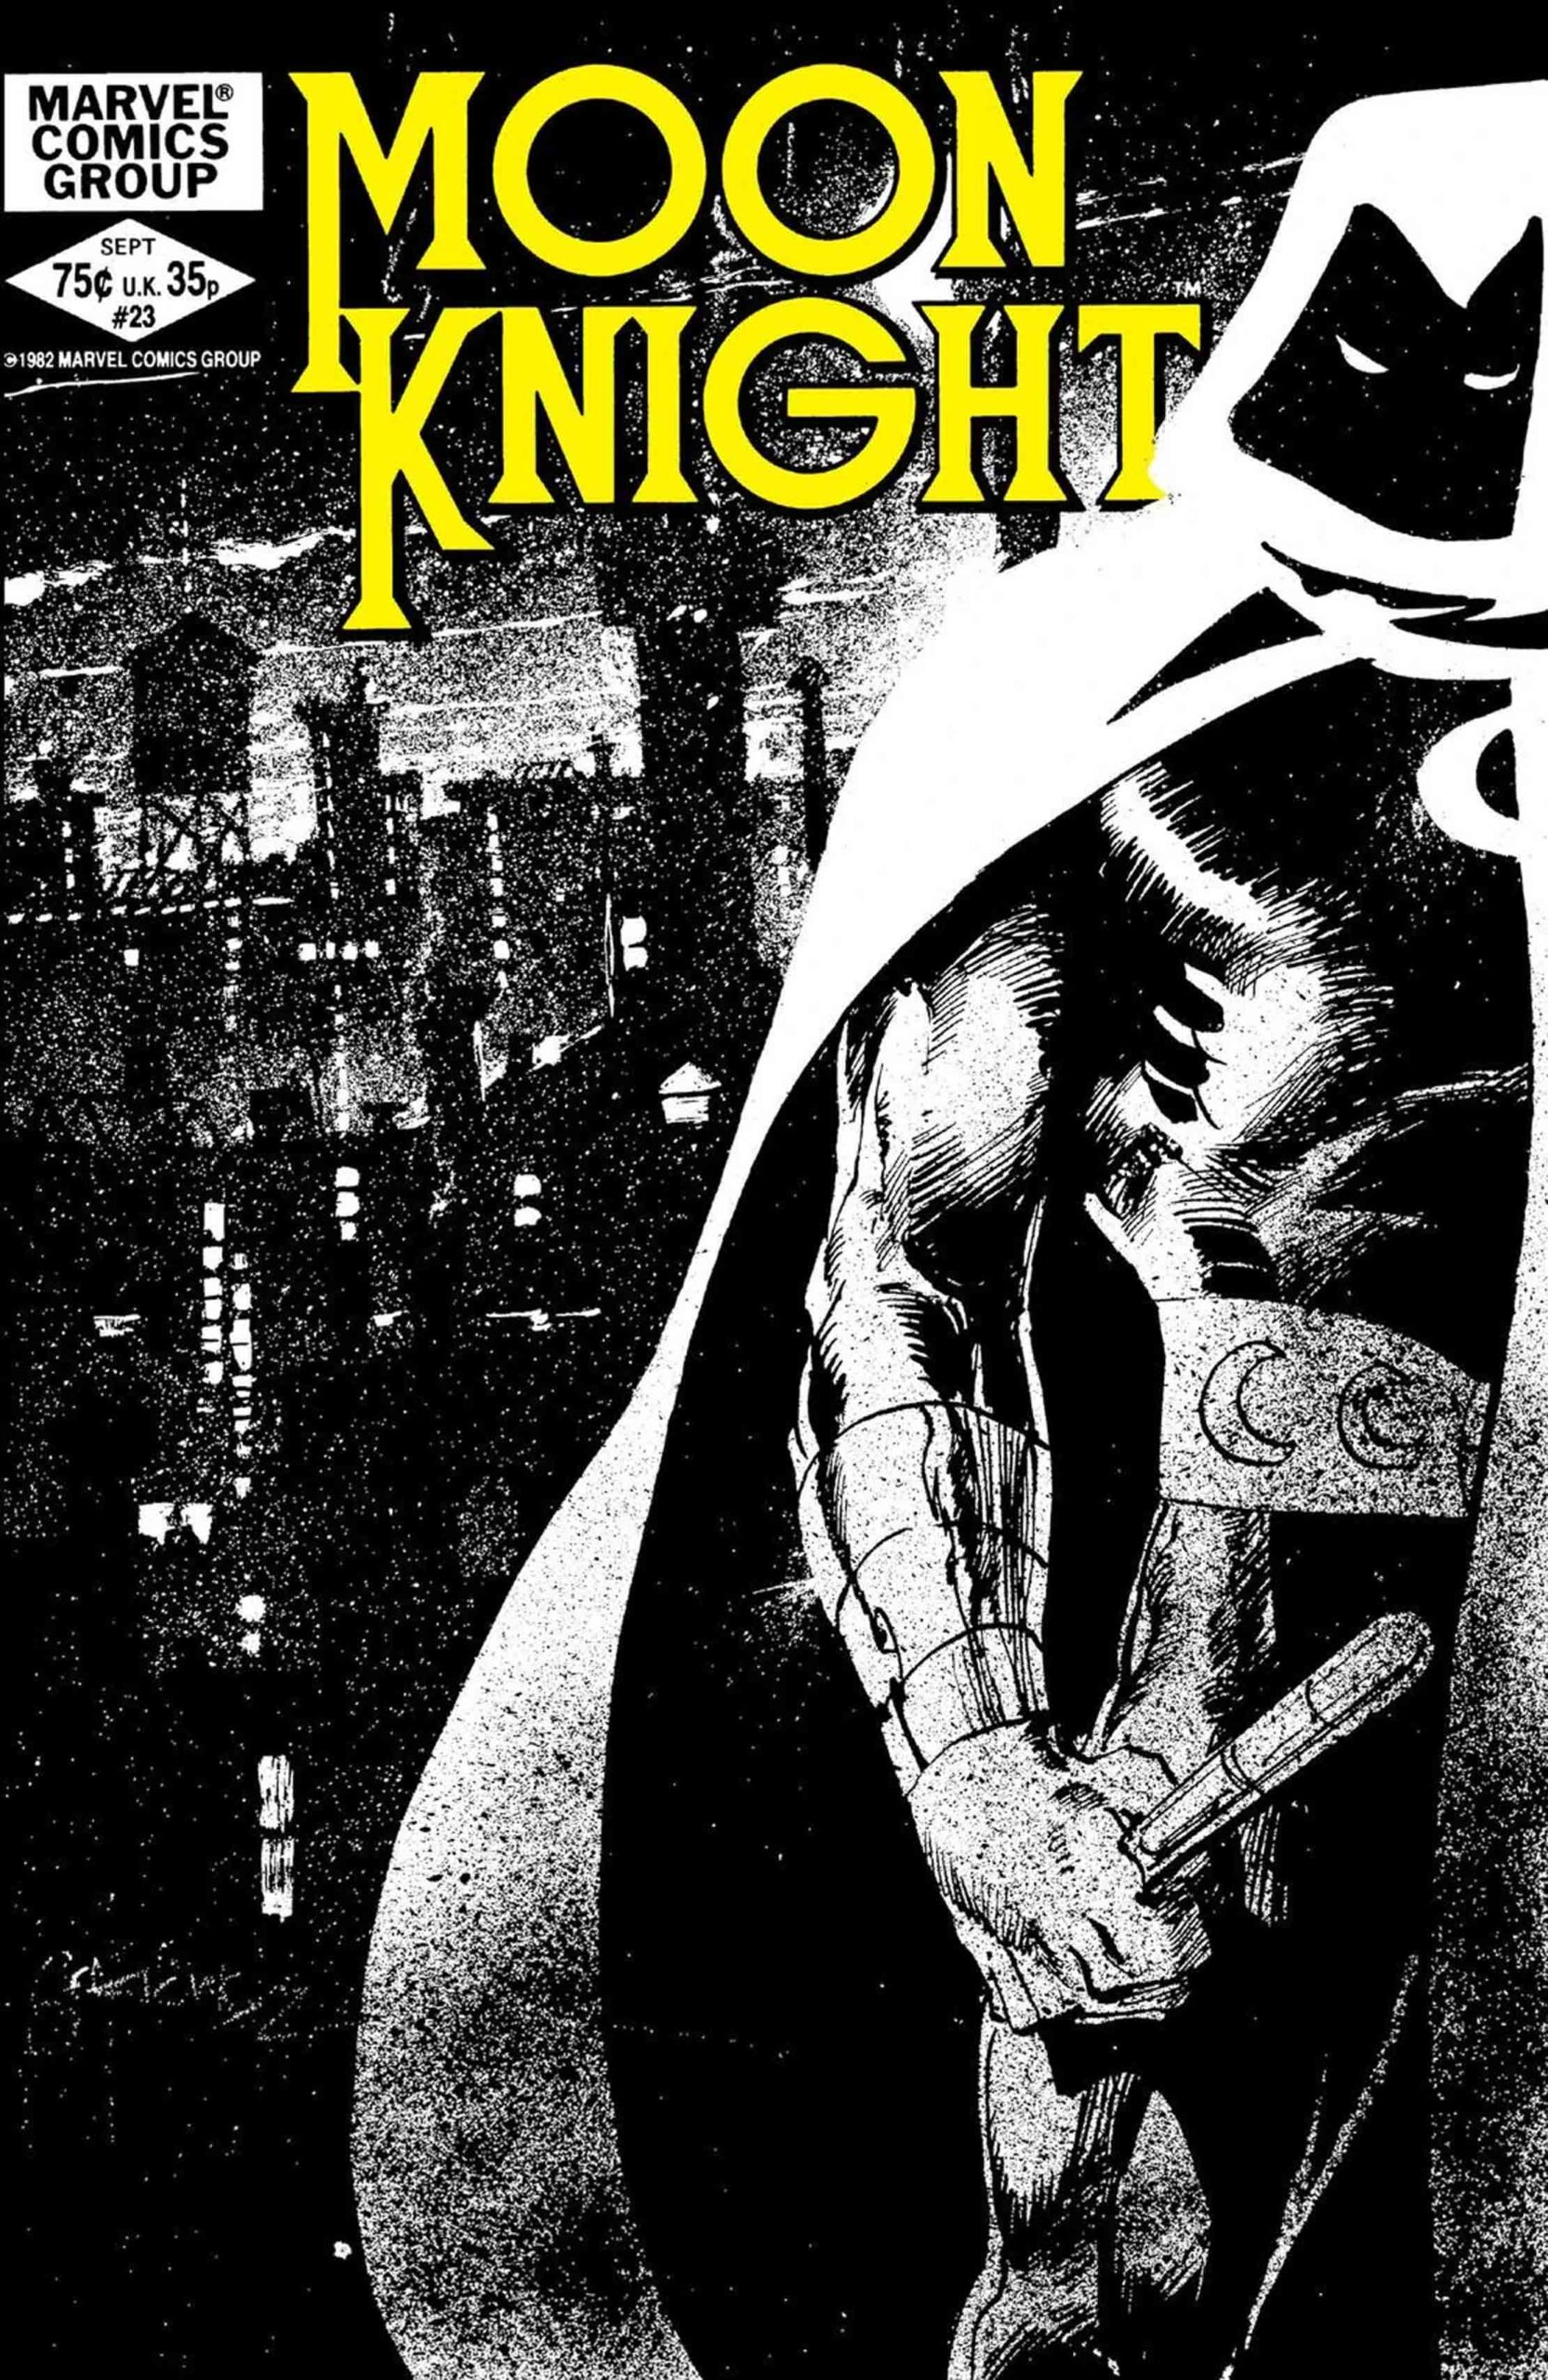 Moon Knight #23 fra 1982 med cover tegnet av Bill Sienkiewicz (Marvel)